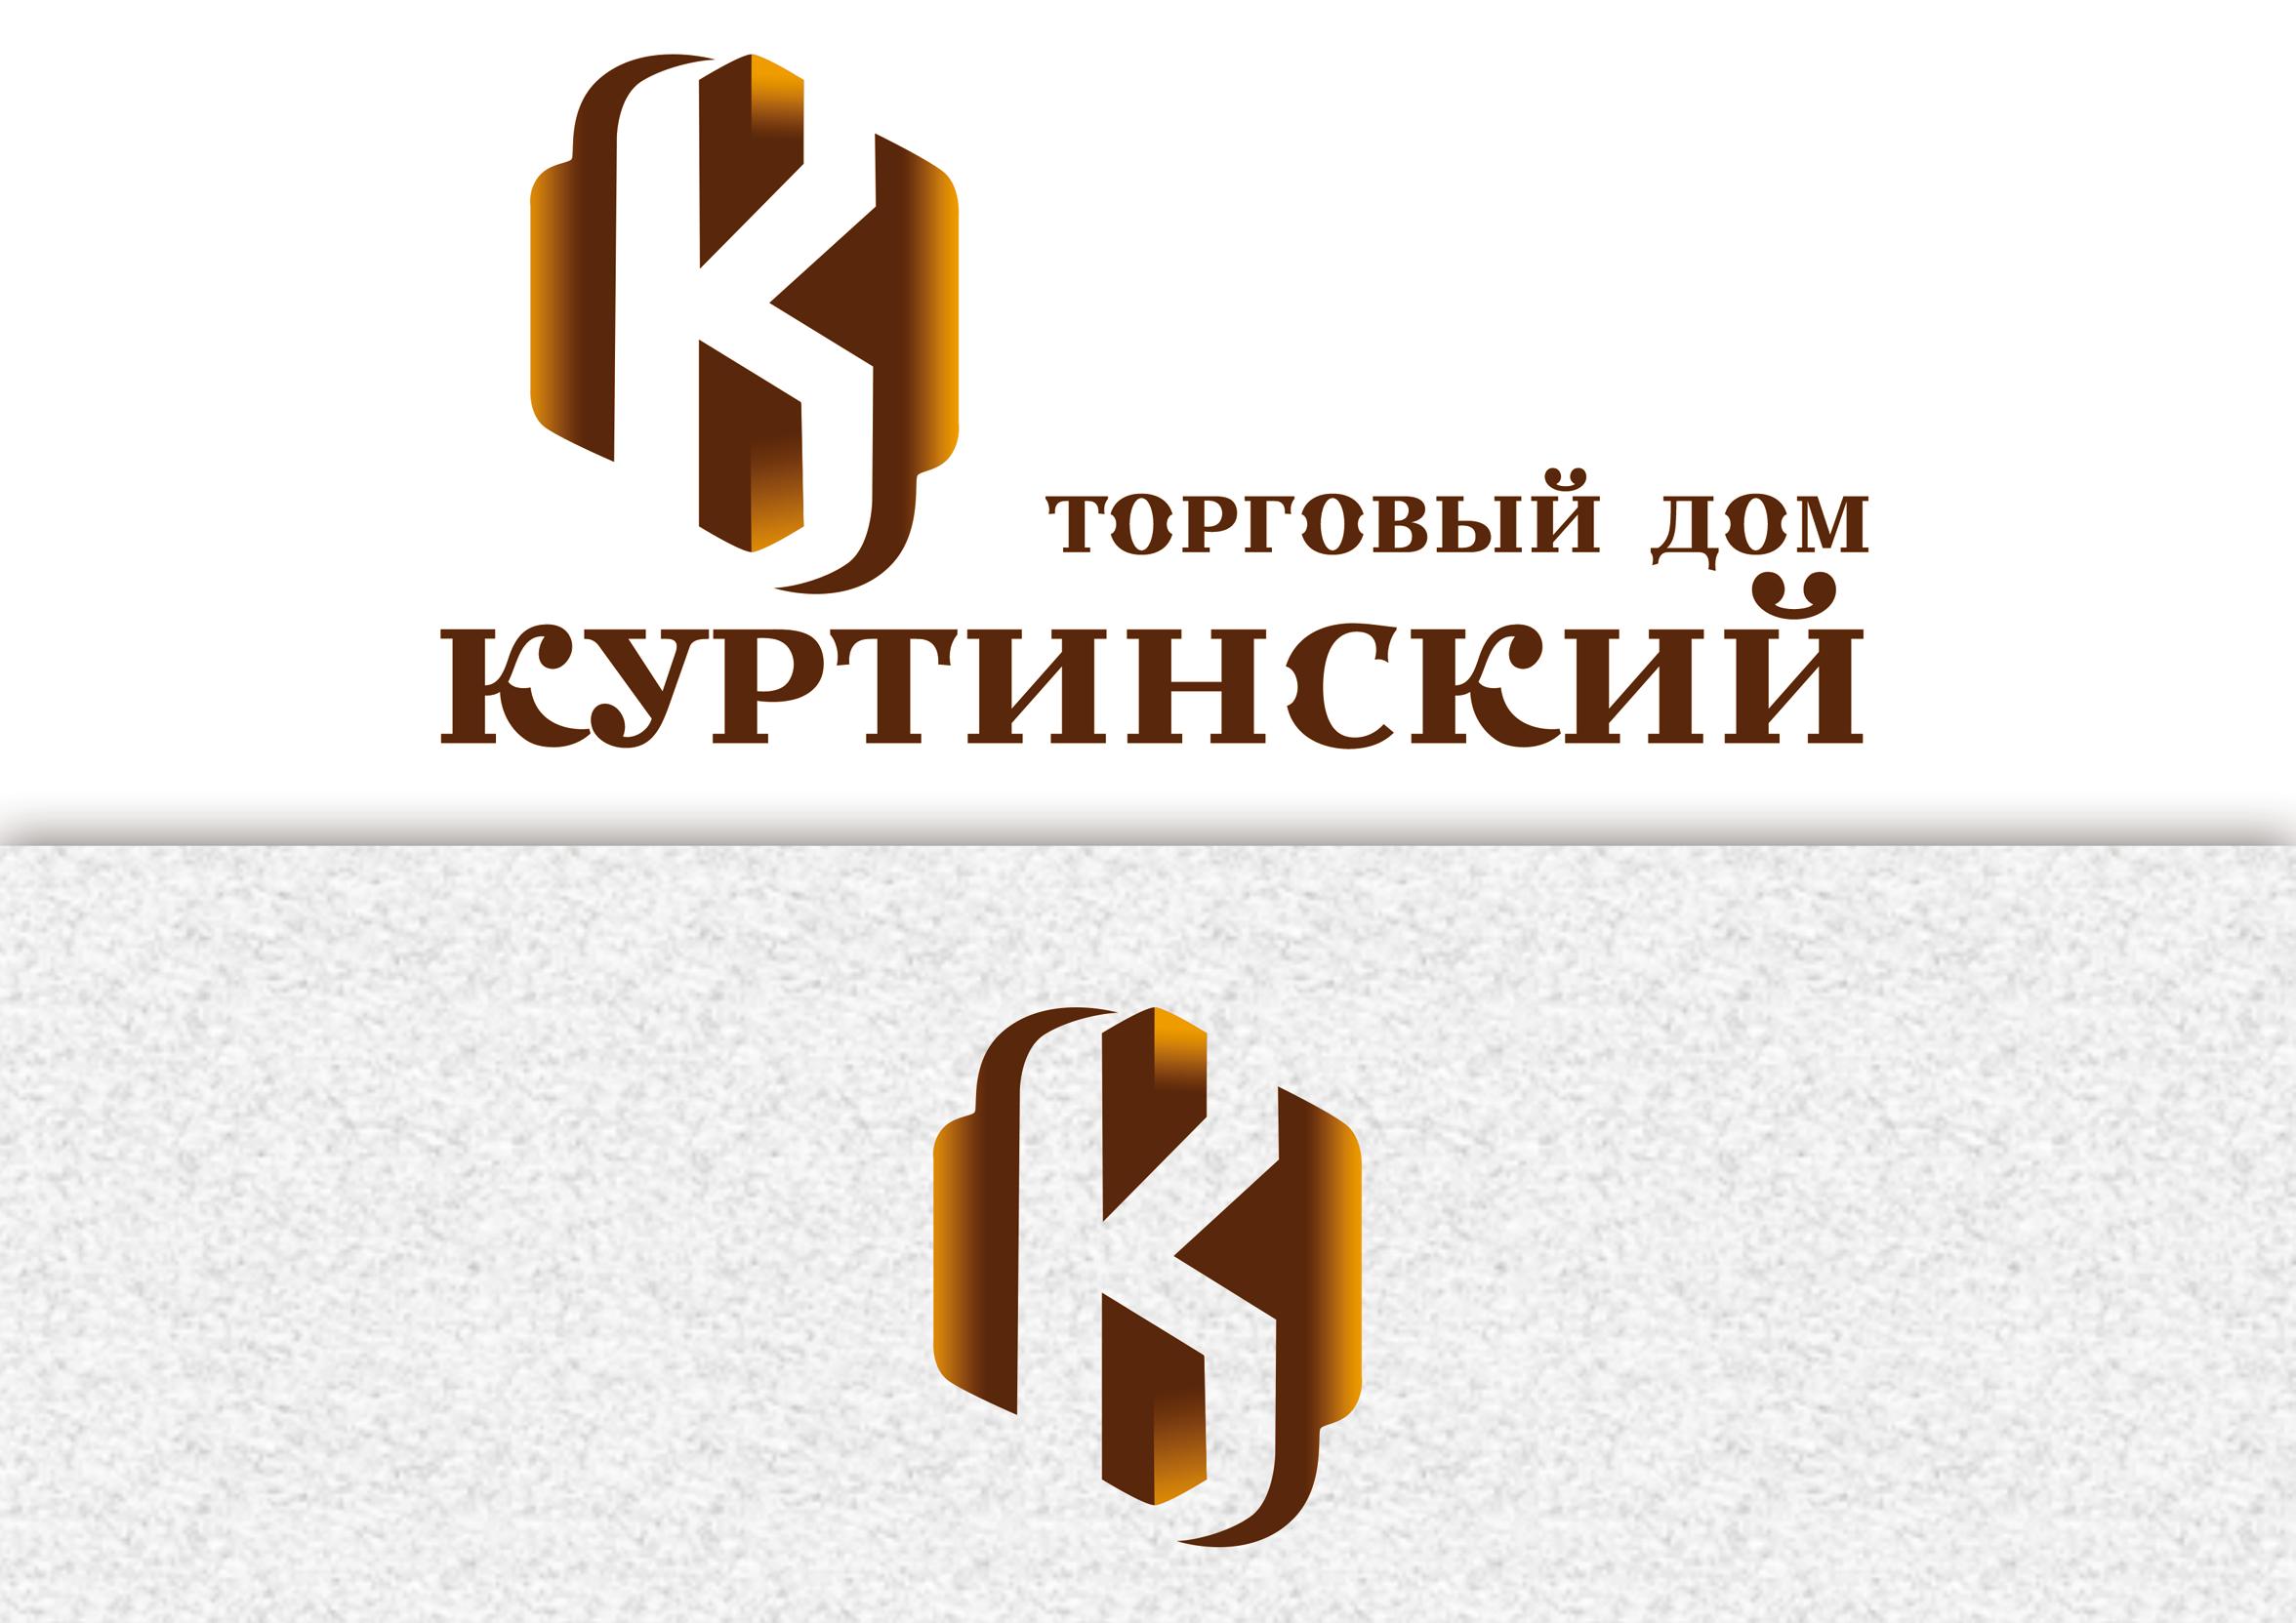 Логотип для камнедобывающей компании фото f_2365b9cc890cfb57.png